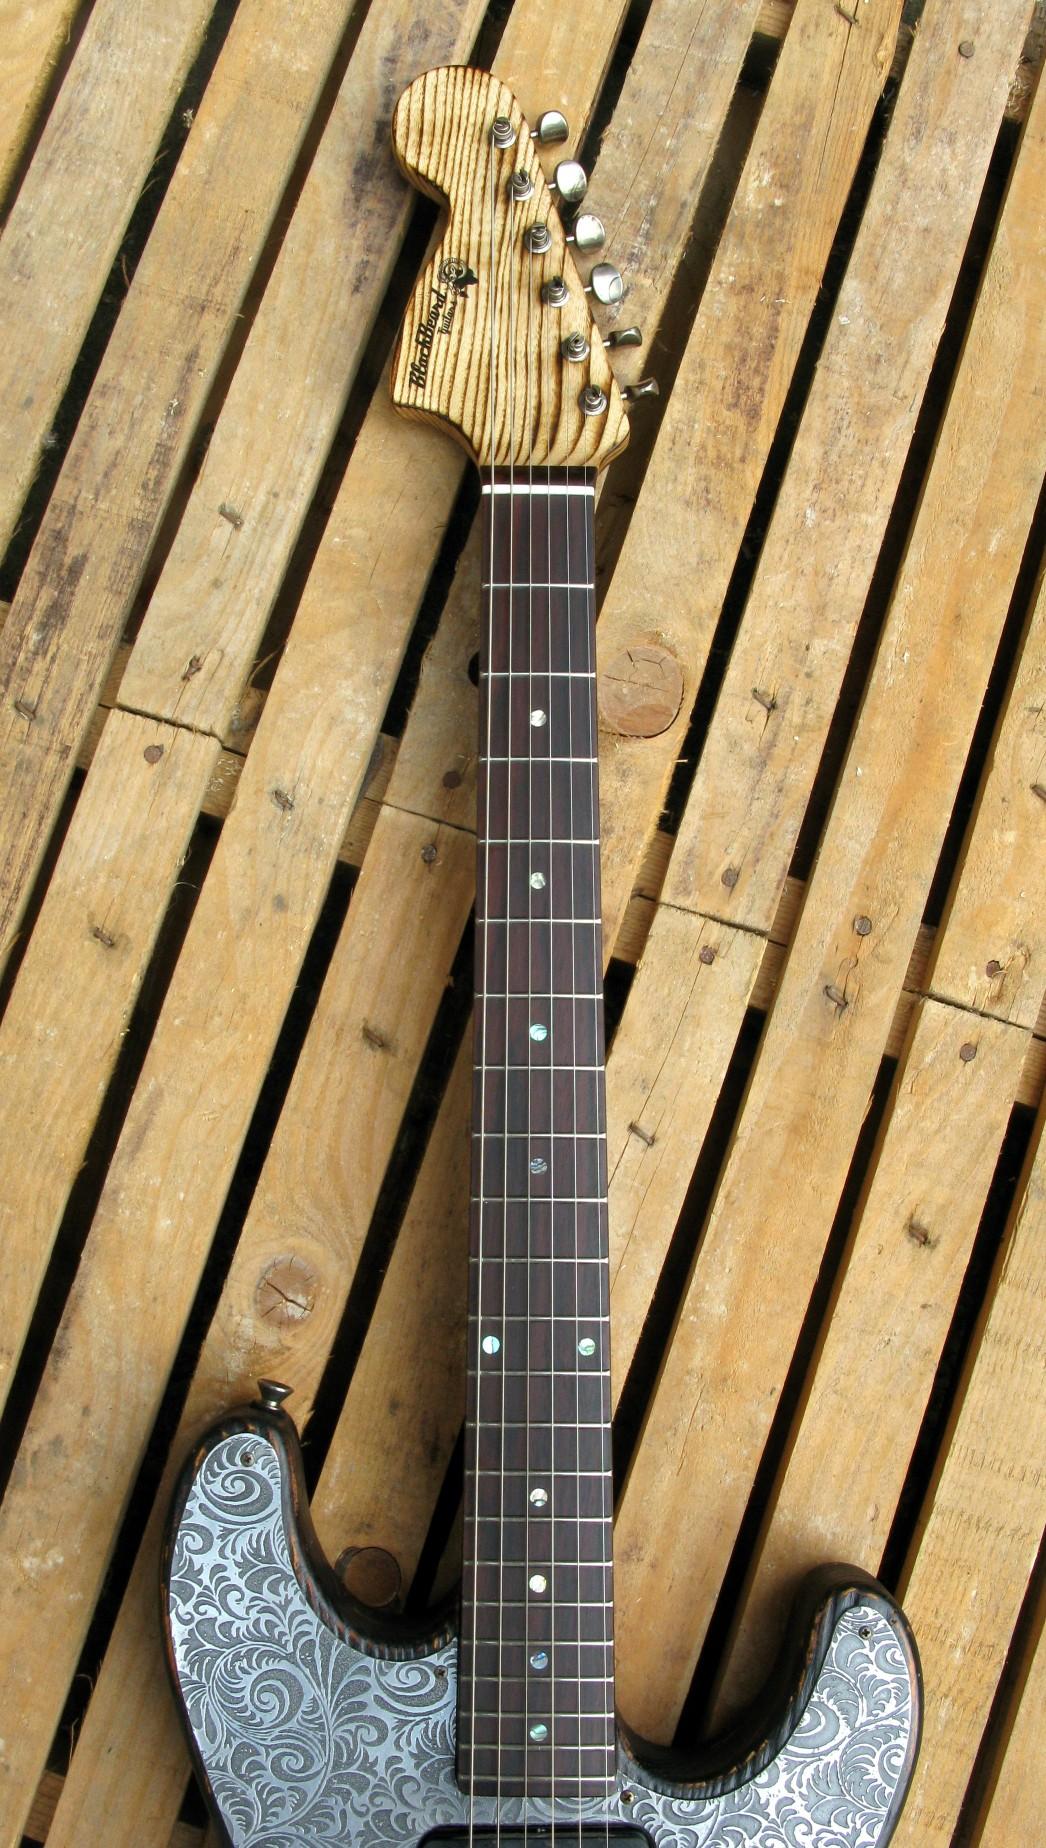 Chitarra modello Stratocaster, body in pino, manico in frassino, reverse: tastiera